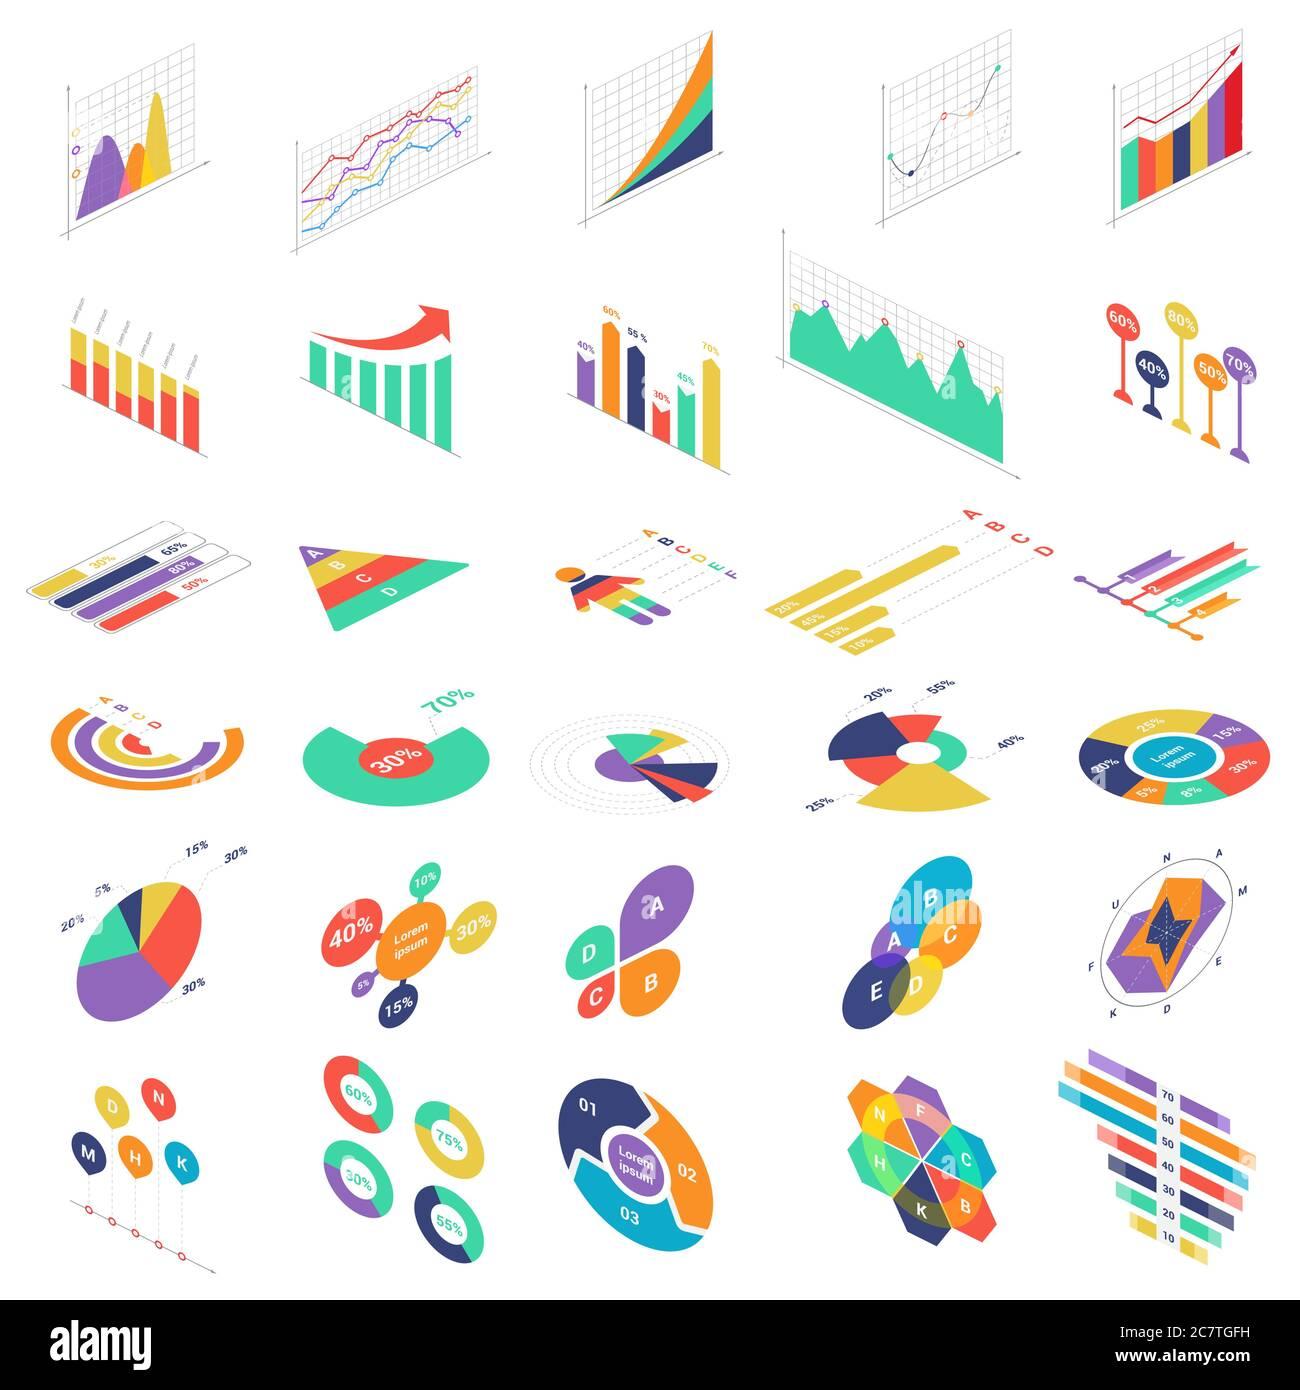 Flat 3d Isométrique éléments graphiques icônes graphiques graphiques ensemble pour la présentation de l'entreprise financière. Diagrammes de statistiques de données illustration vectorielle d'infographies Illustration de Vecteur